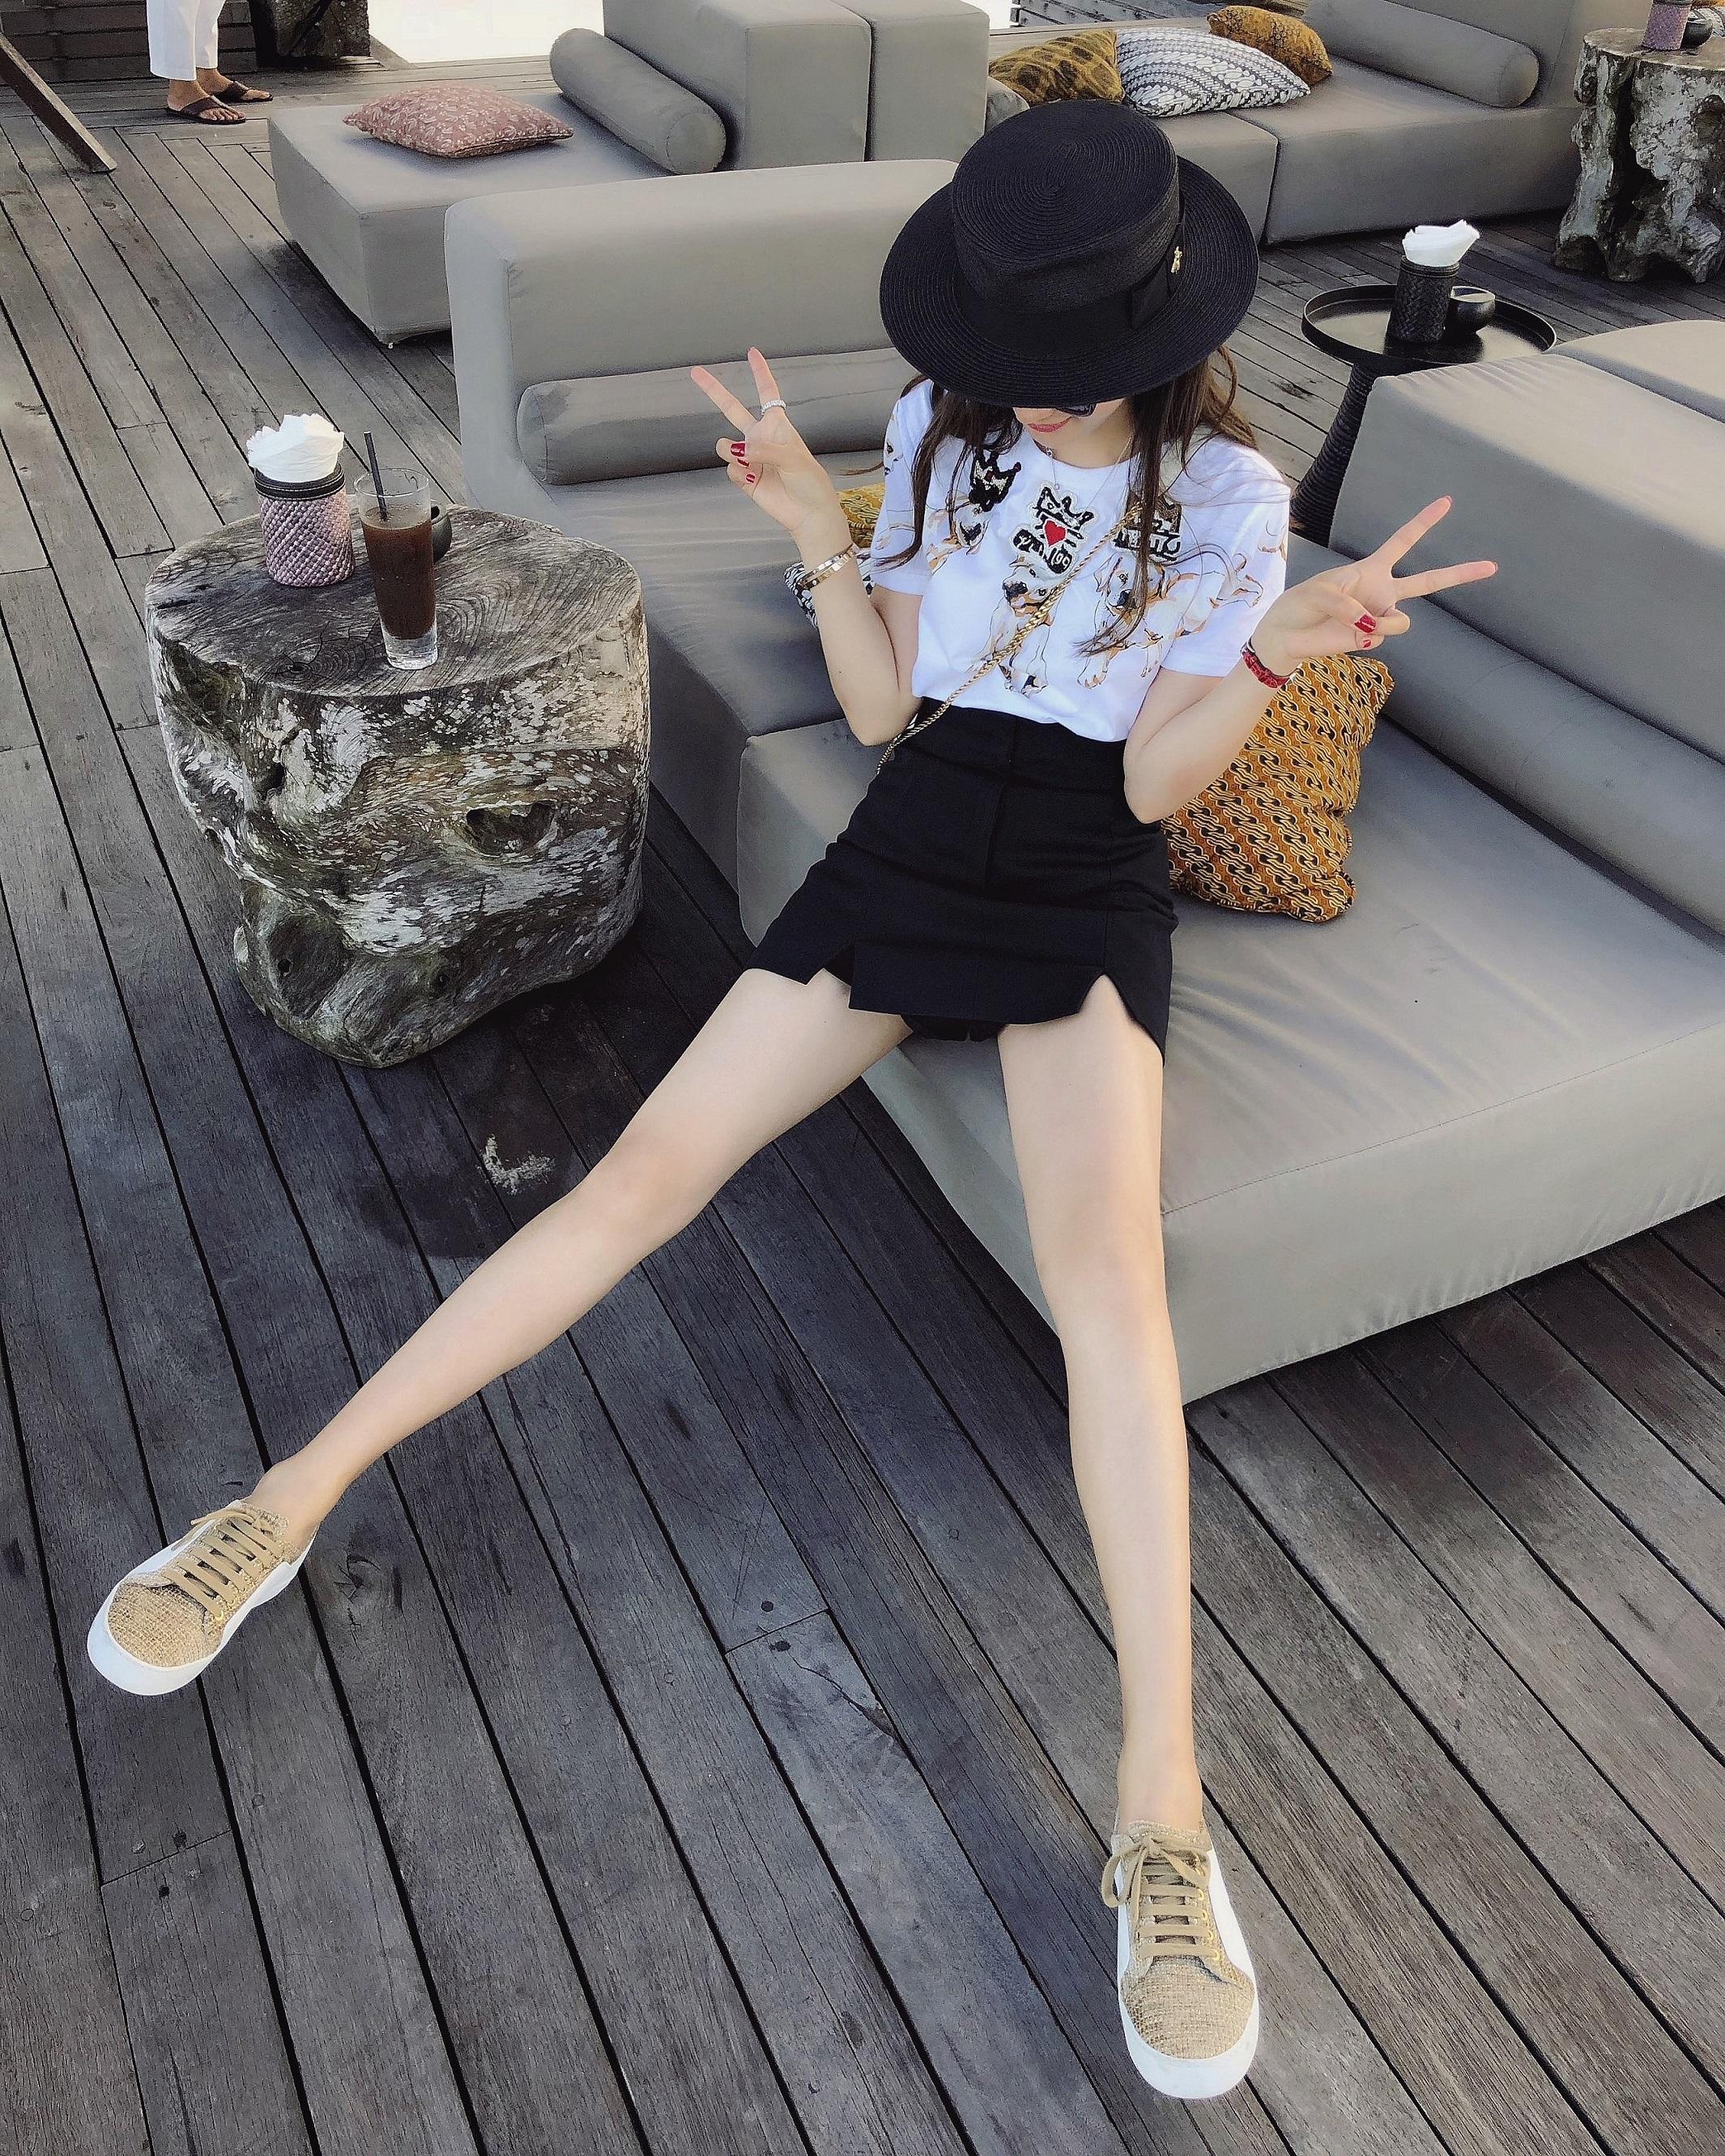 兔兔VIP店2018新款 兔兔推荐 本期必败 大长腿翘臀高腰裙裤半裙